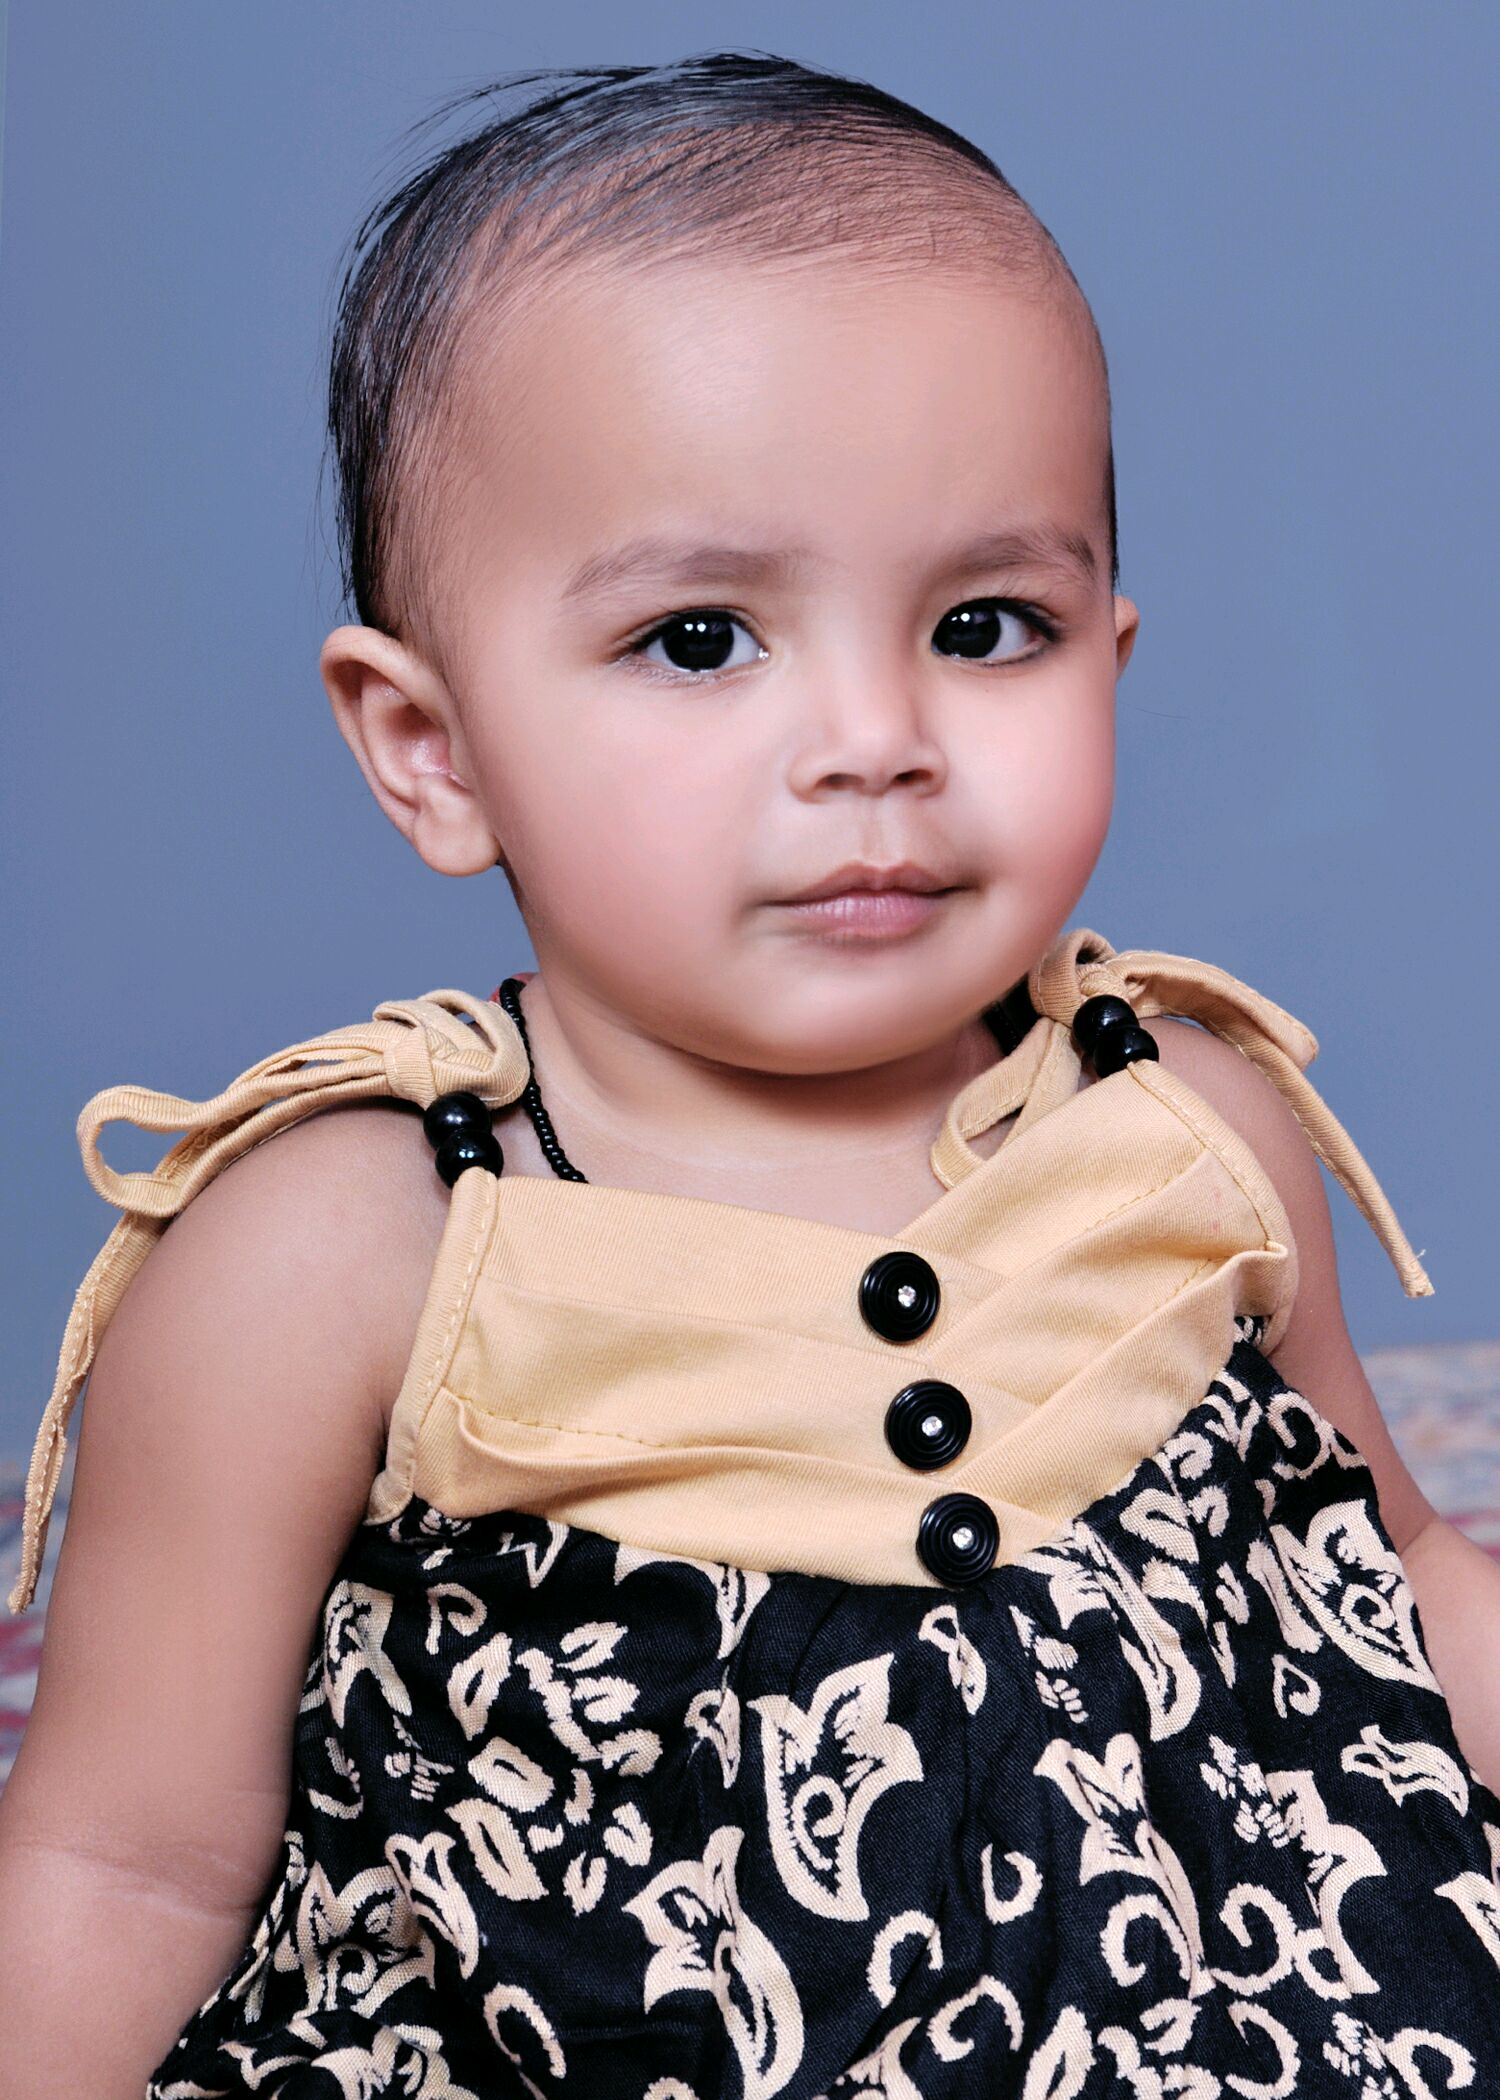 Baby k head py hairs ki growth bohot kum hai